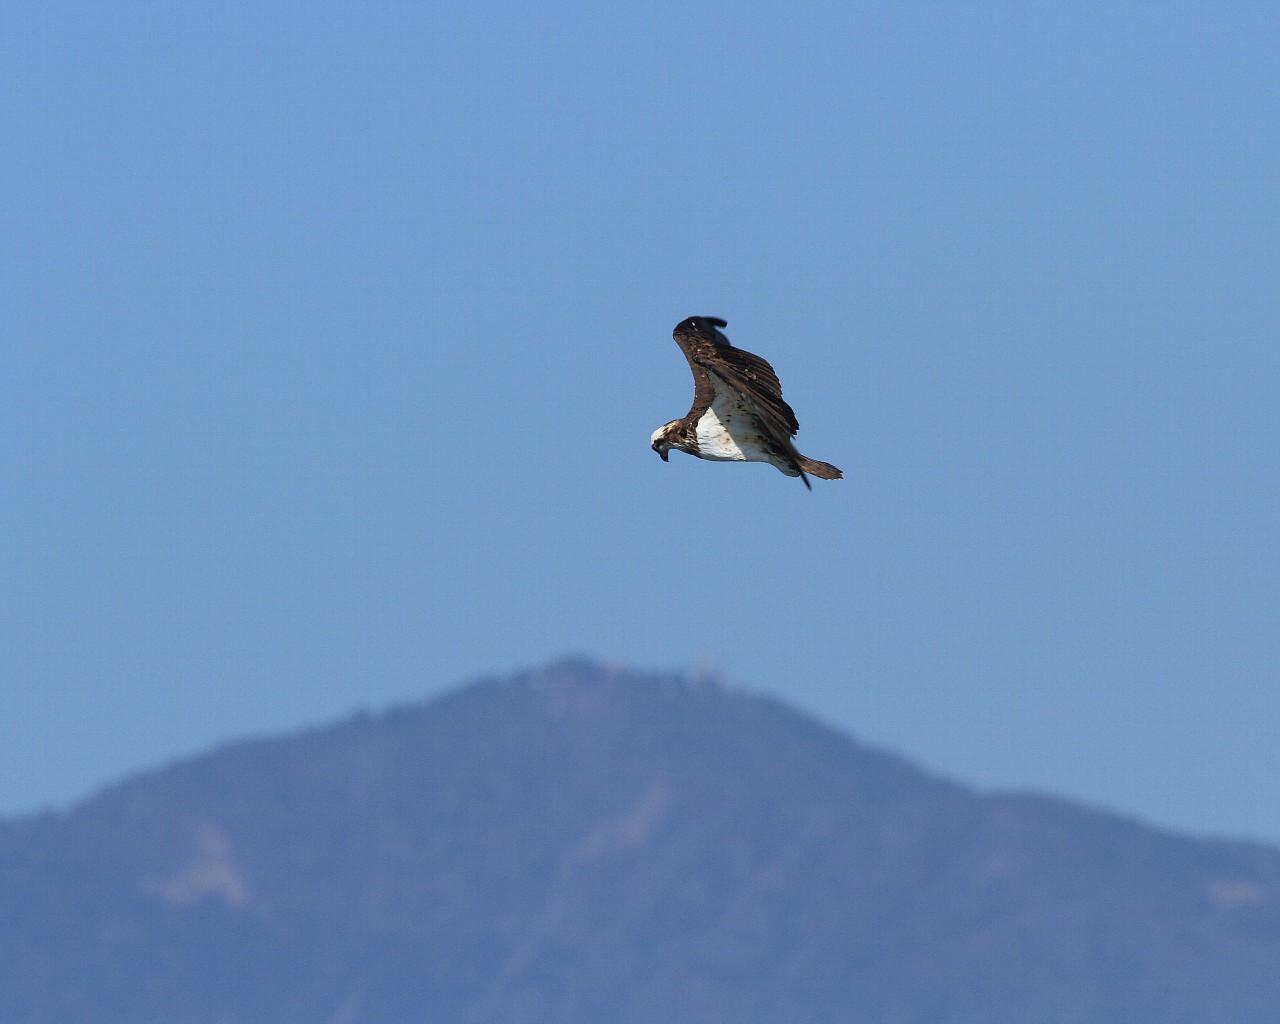 大山背景にホバリングで獲物を探すミサゴ_f0105570_20523147.jpg